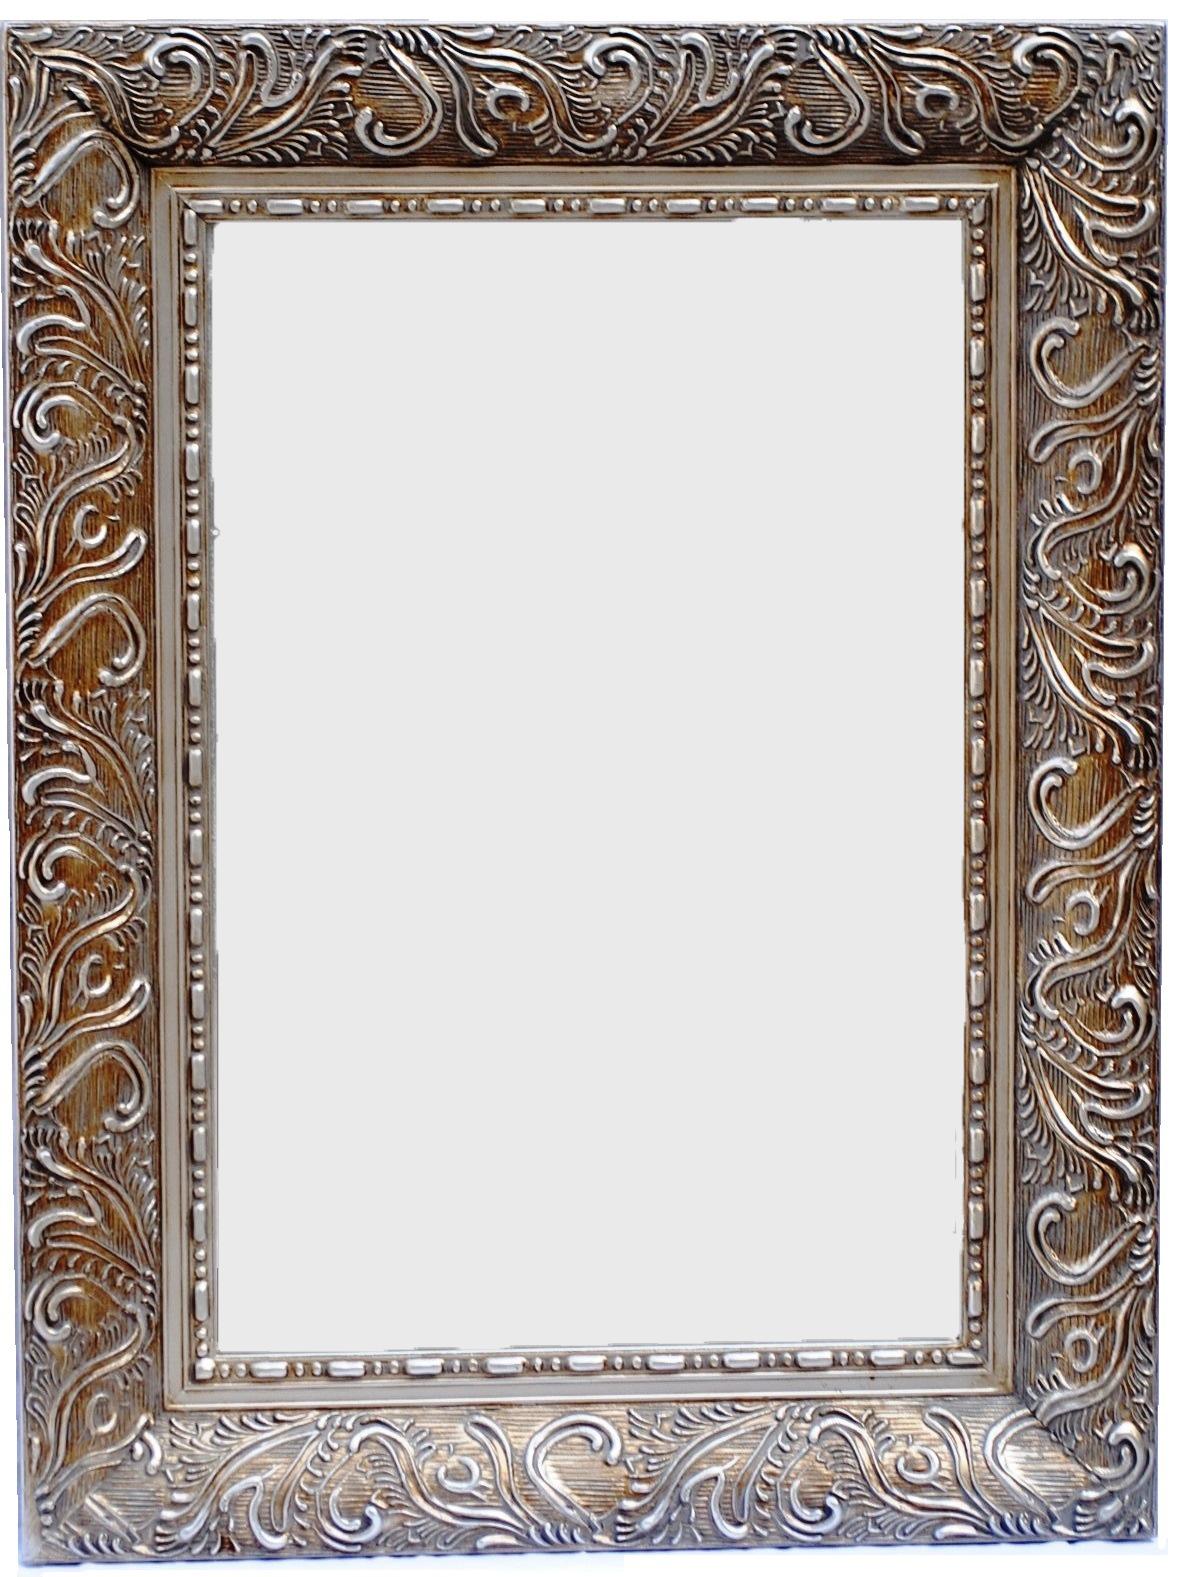 Καθρέπτης Ξύλινος Royal Art 60x90εκ. INA3/3115/90SL (Υλικό: Ξύλο) - Royal Art Collection - INA3/3115/90SL